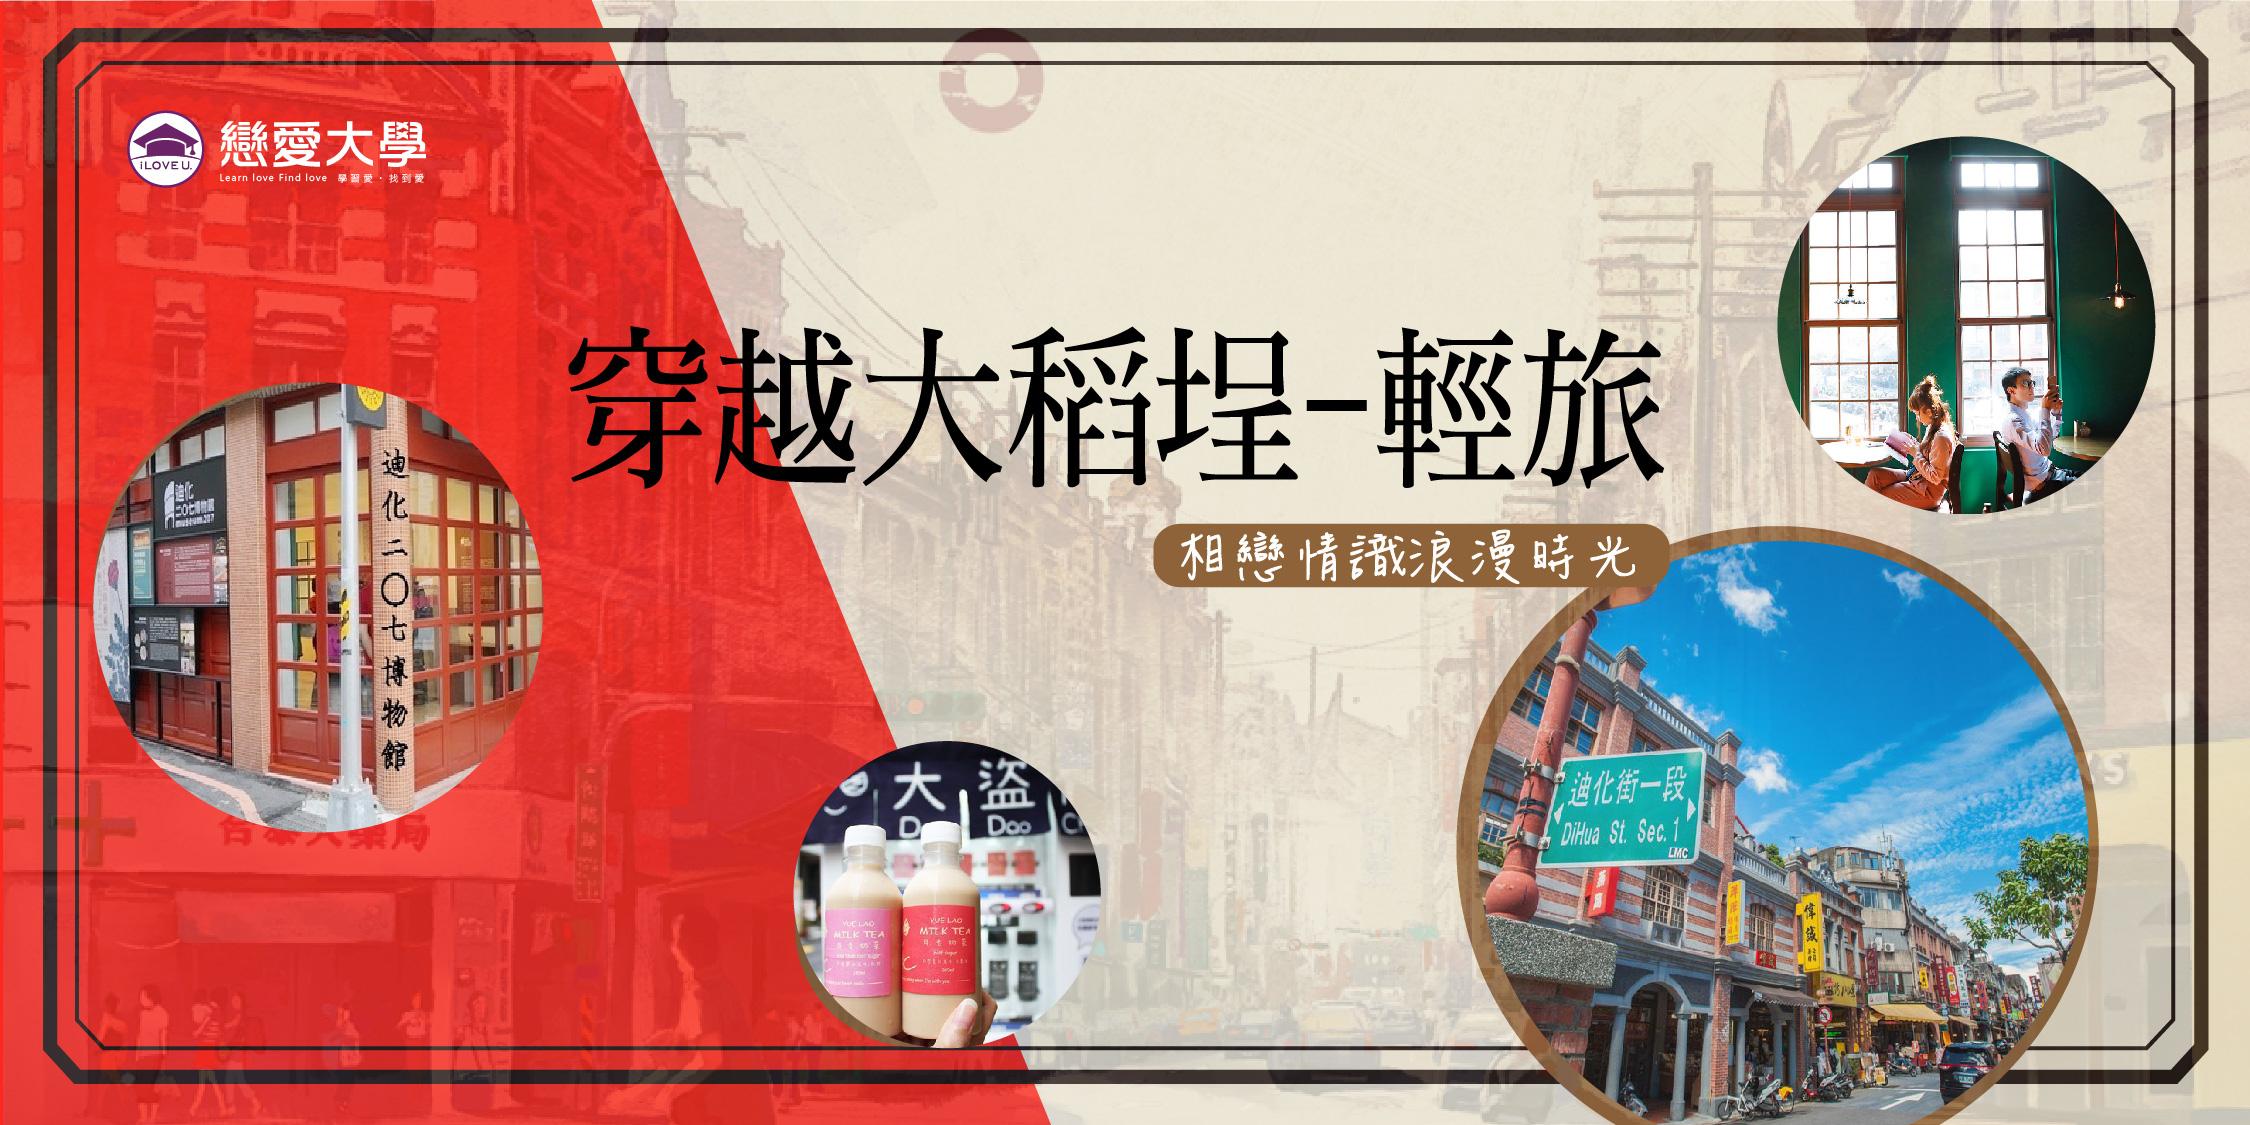 ❤戀愛大學❤ 【舊城情識-大稻埕深度輕旅】5/31(日)、6/28(日)、7/25(六)、8/30(日)